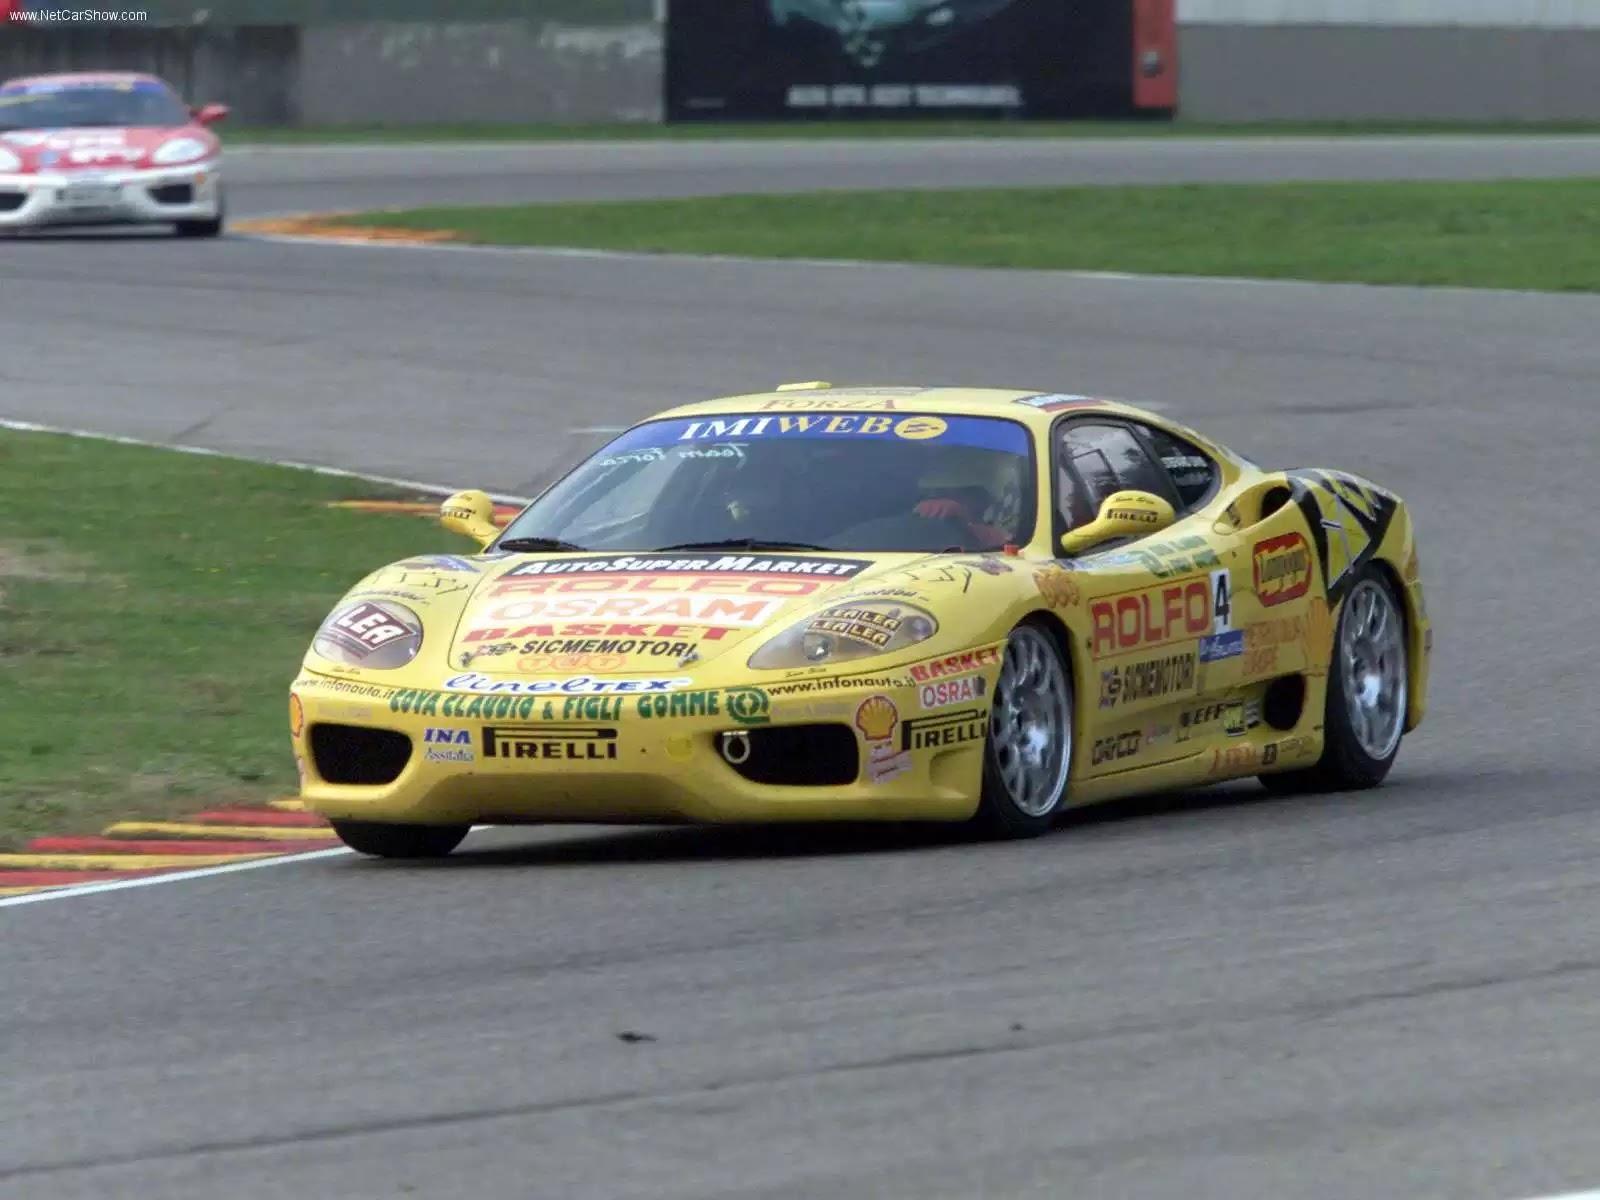 Hình ảnh siêu xe Ferrari 360 Modena Challenge 2001 & nội ngoại thất